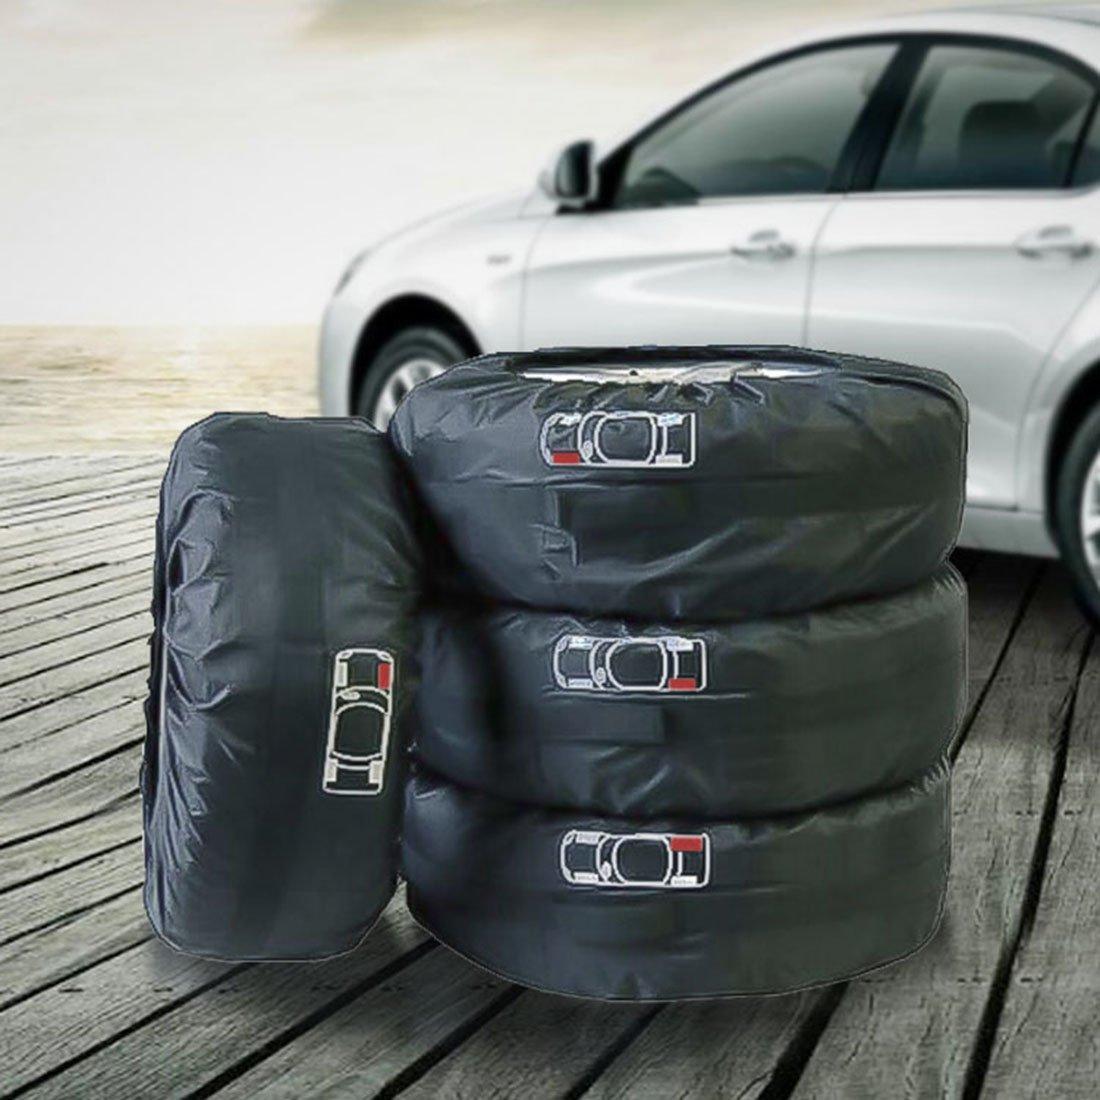 SHENGLI 4Pcs Cubiertas De Neumático De Repuesto 4X4 Ajustables13-22Inches Bolsas para Neumáticos: Amazon.es: Deportes y aire libre